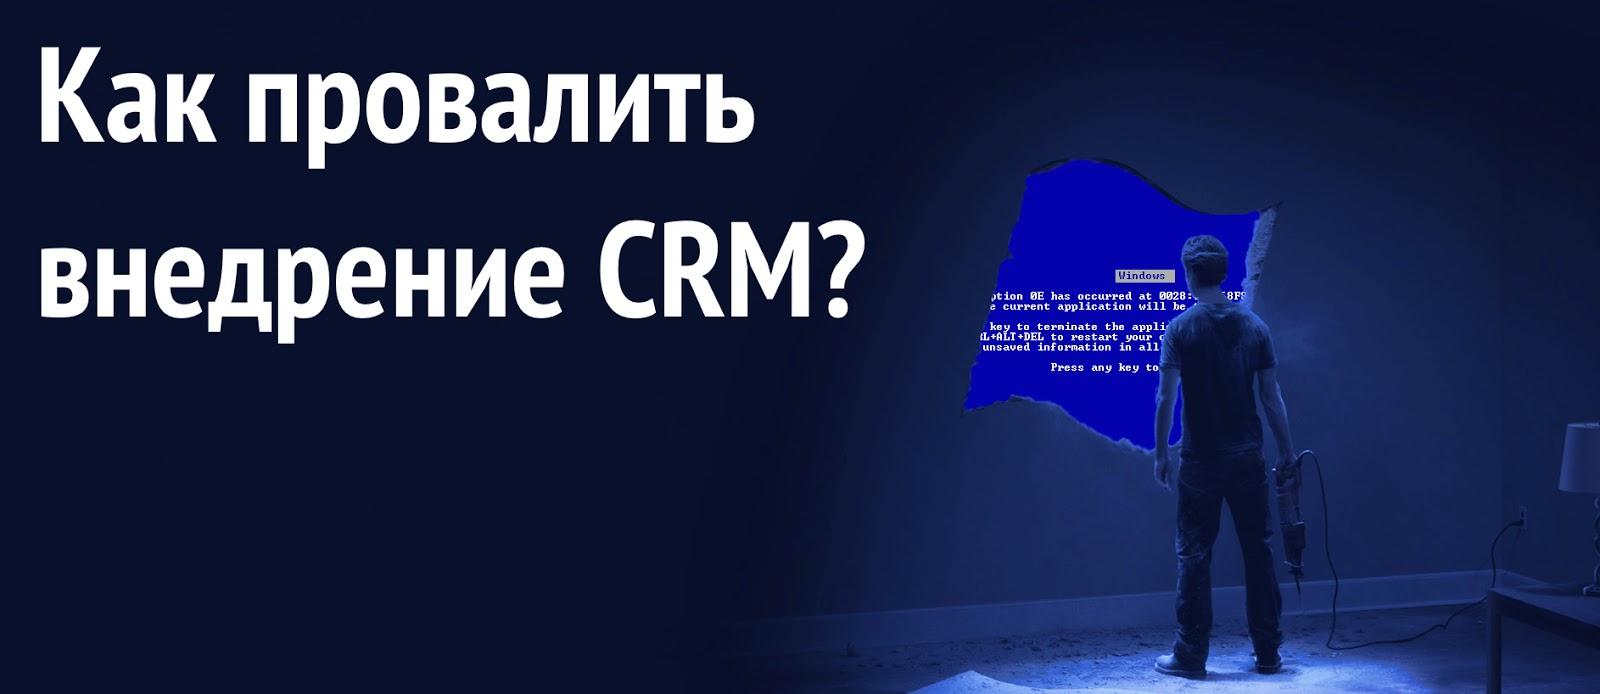 Как провалить внедрение CRM-системы? - 1